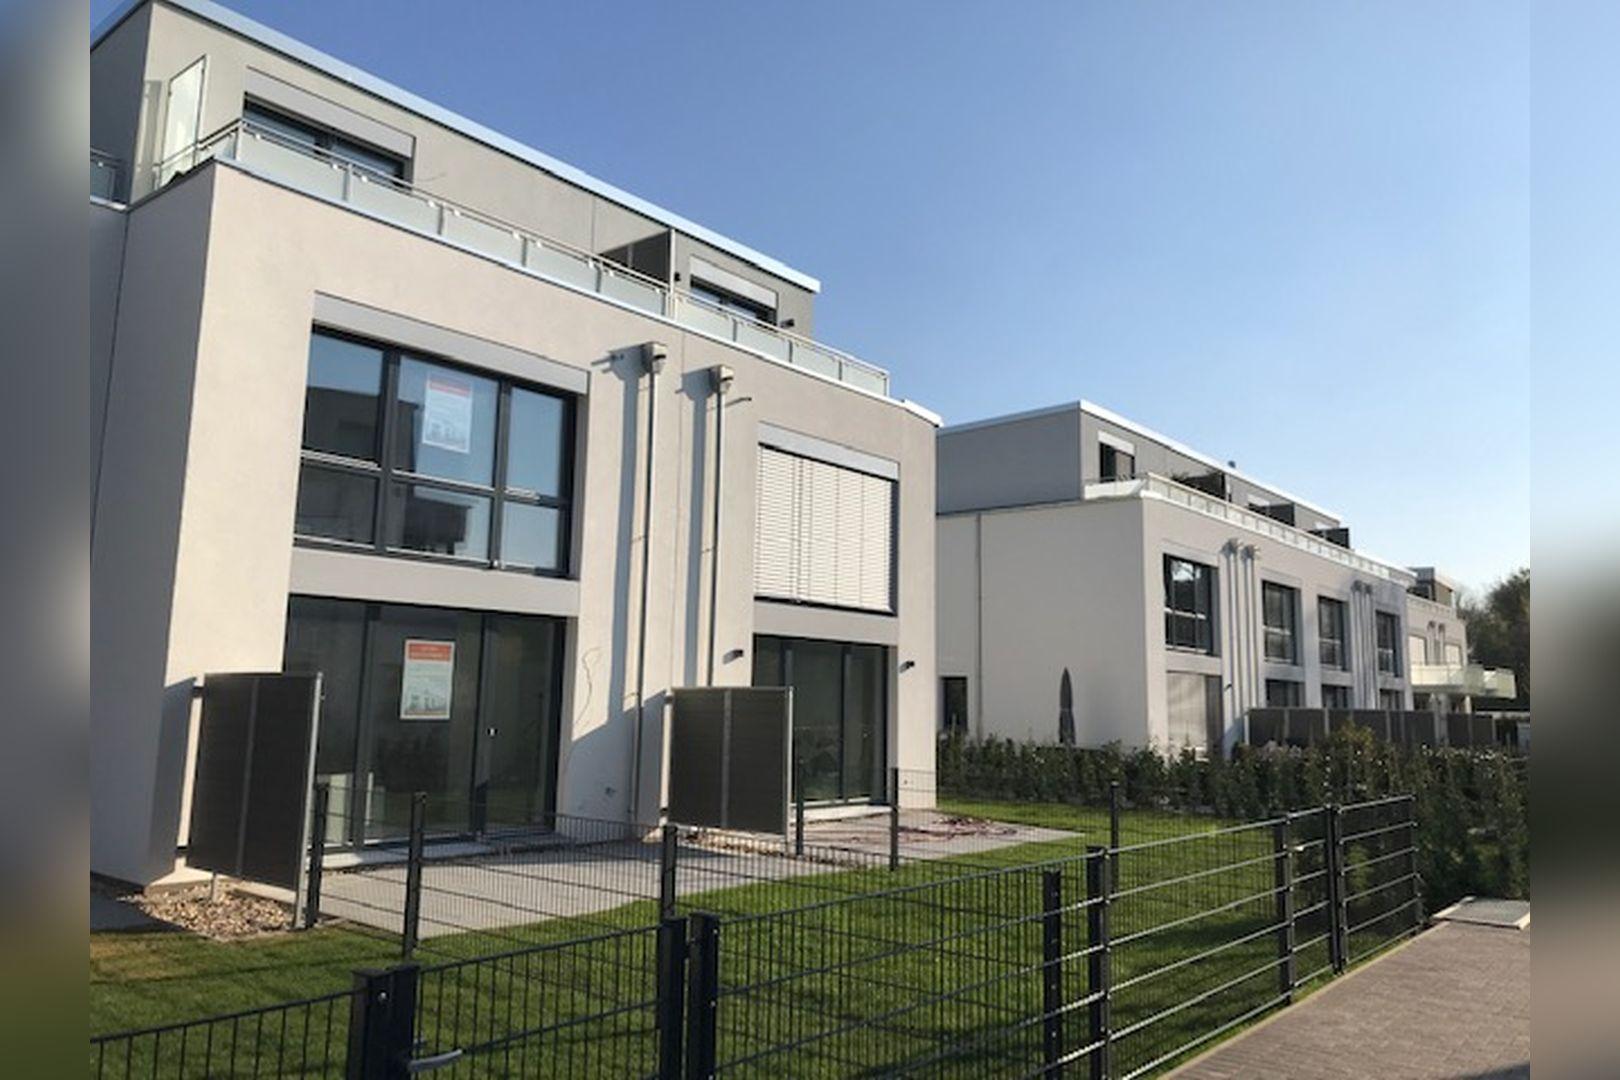 Immobilie Nr.BÖ-11 - BÖ-11; Reihenmittelhaus mit Terrasse, Garten und 2 TG-Stellplätzen - Bild 11.jpg